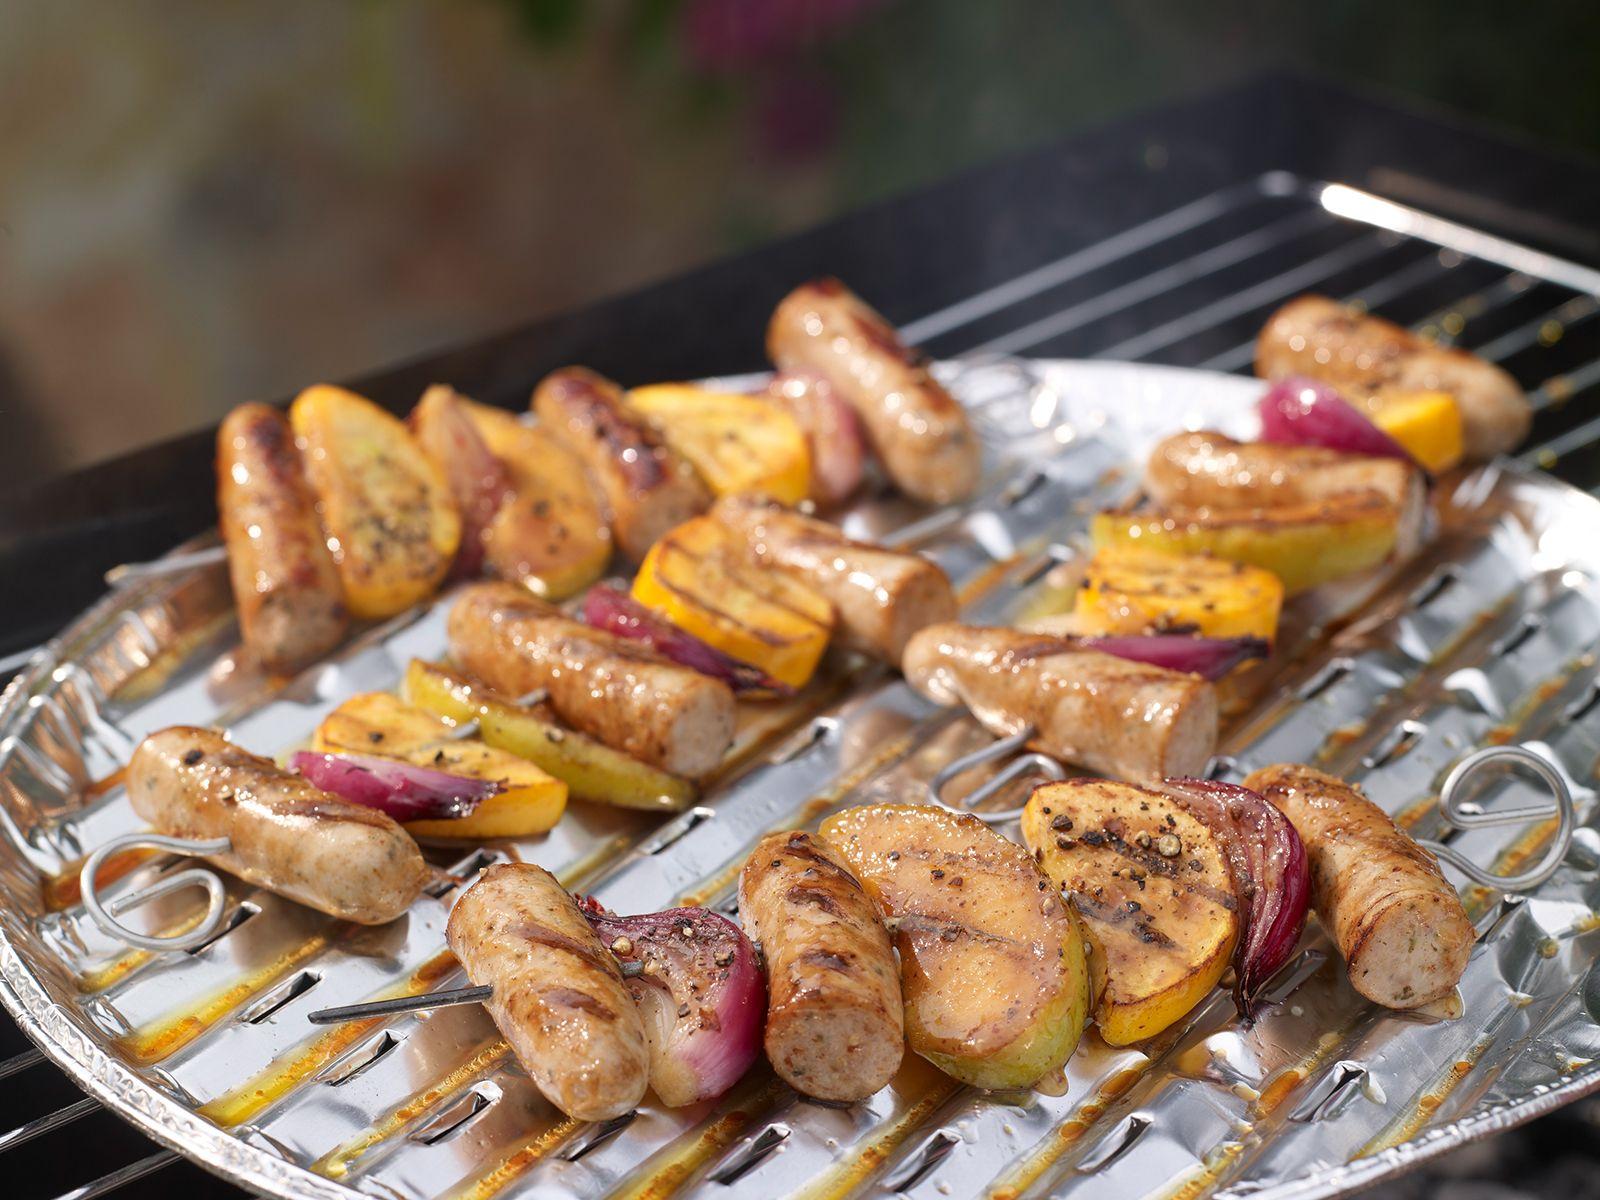 Weber Outdoor Küche Rezepte : Kochbuch rezepte zum grillen eat smarter